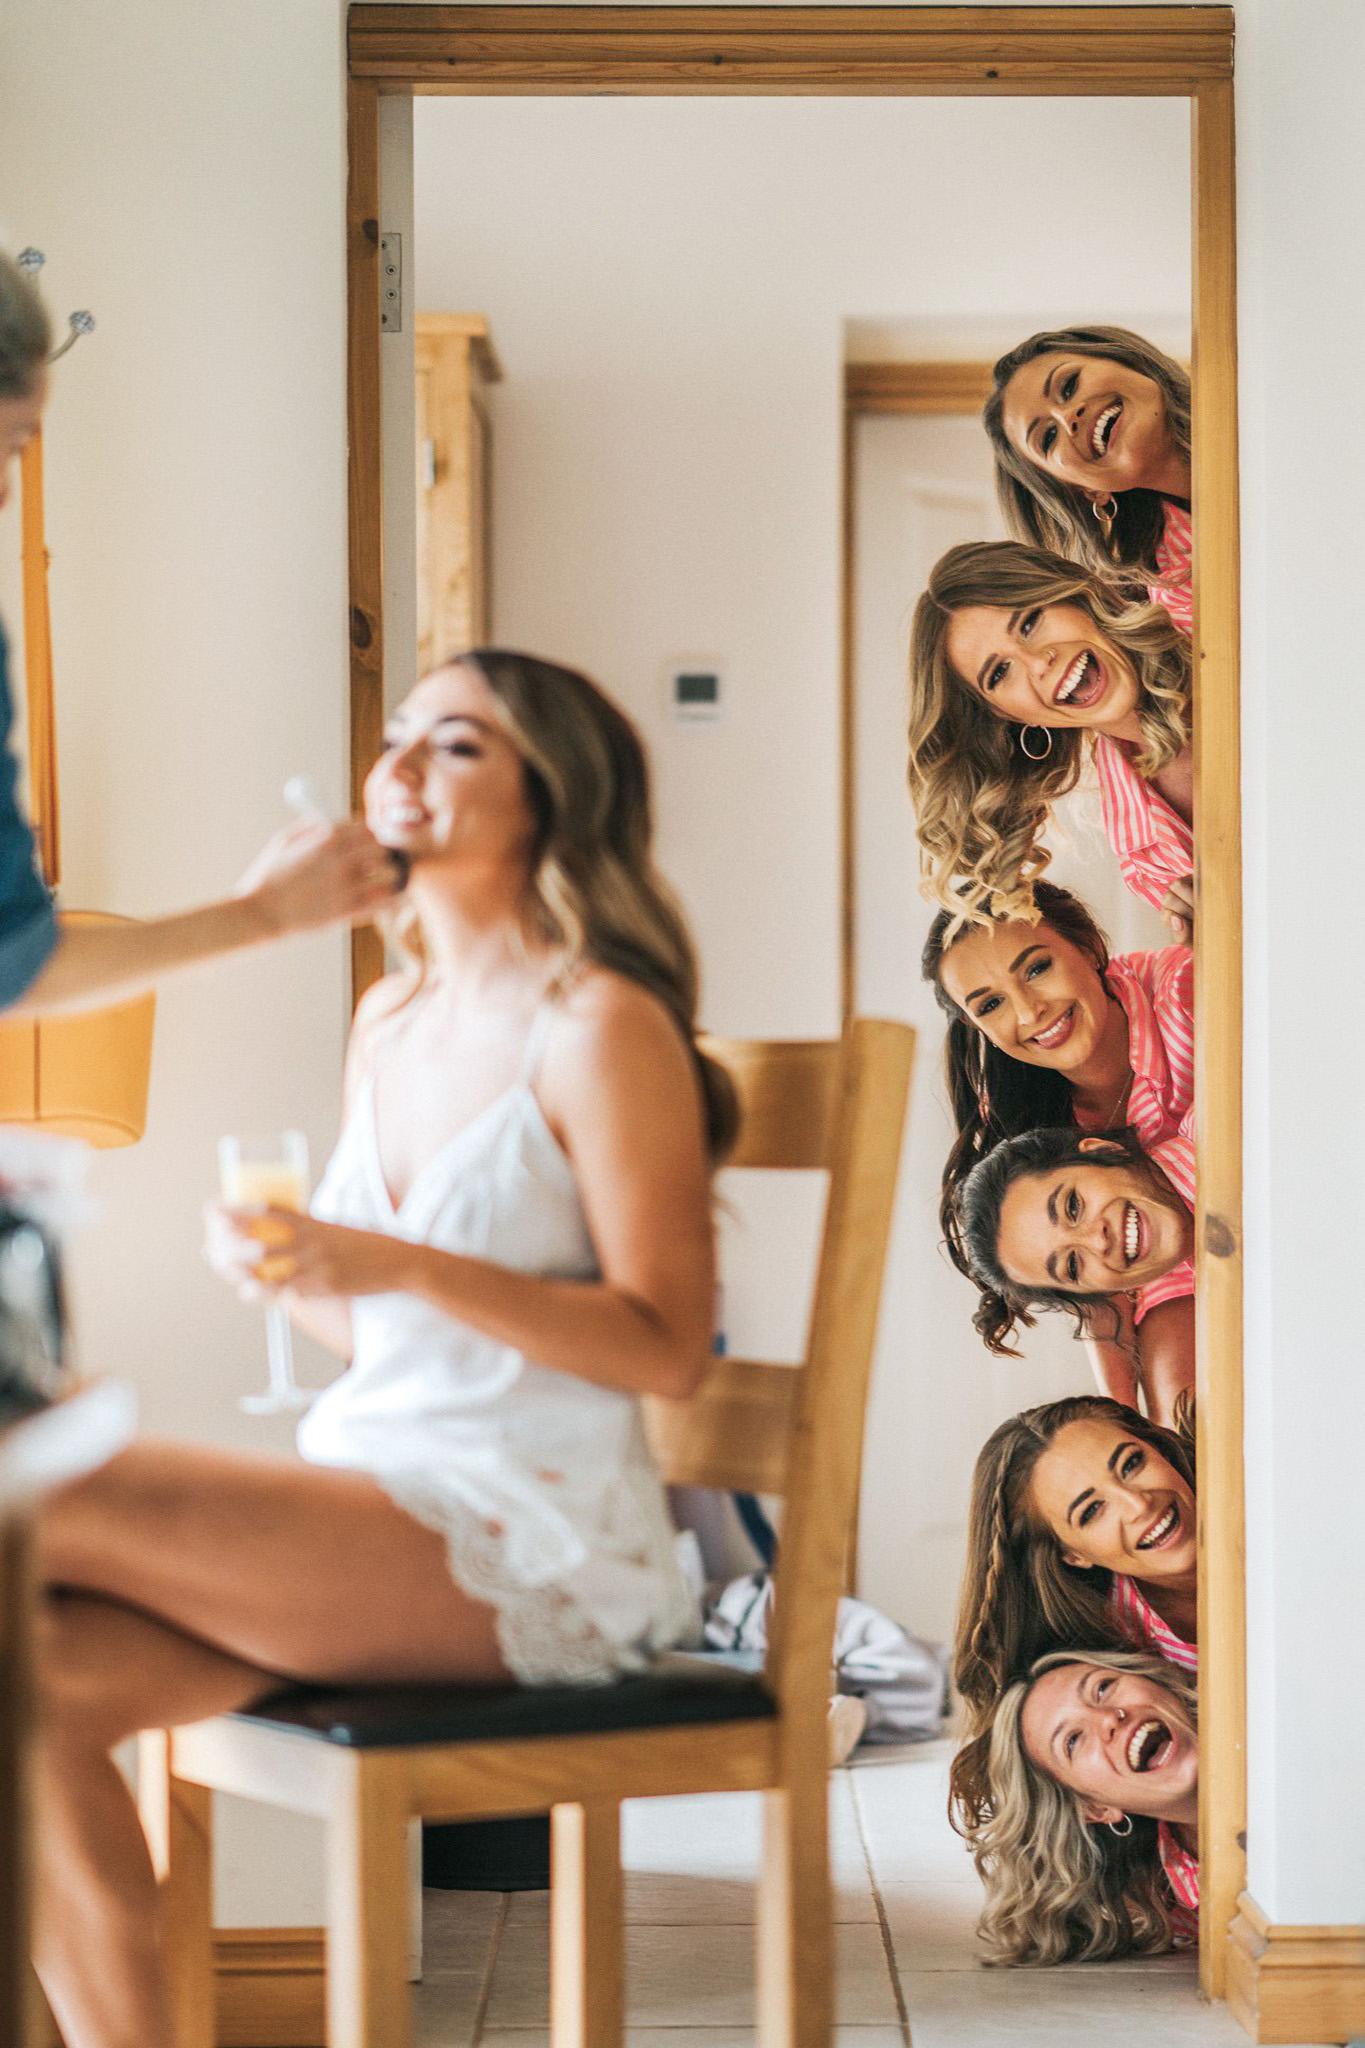 A fun bridesmaids wedding photo